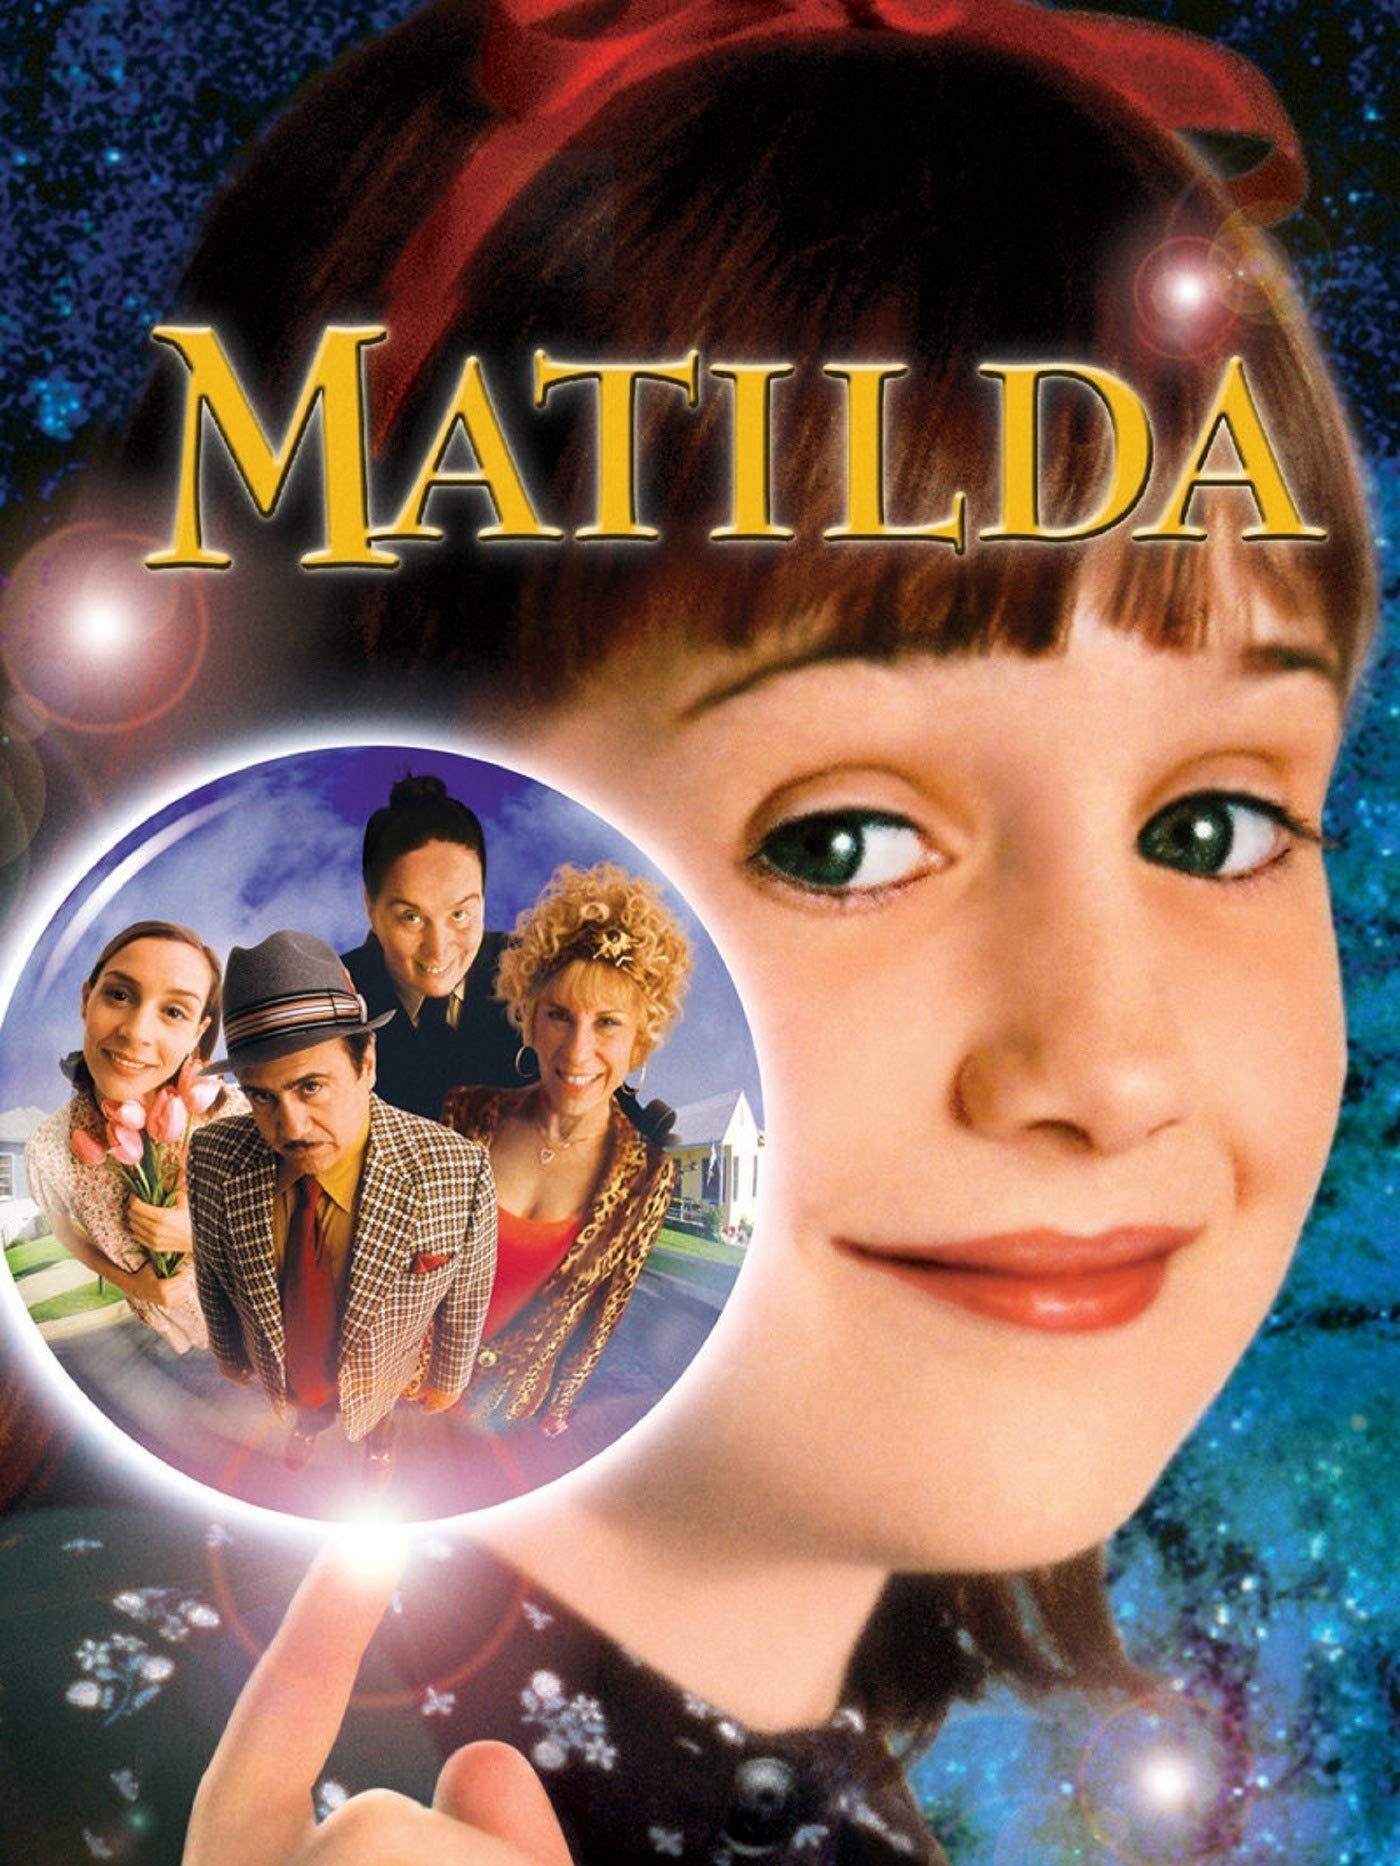 FAMILY FILM: MATILDA (U)